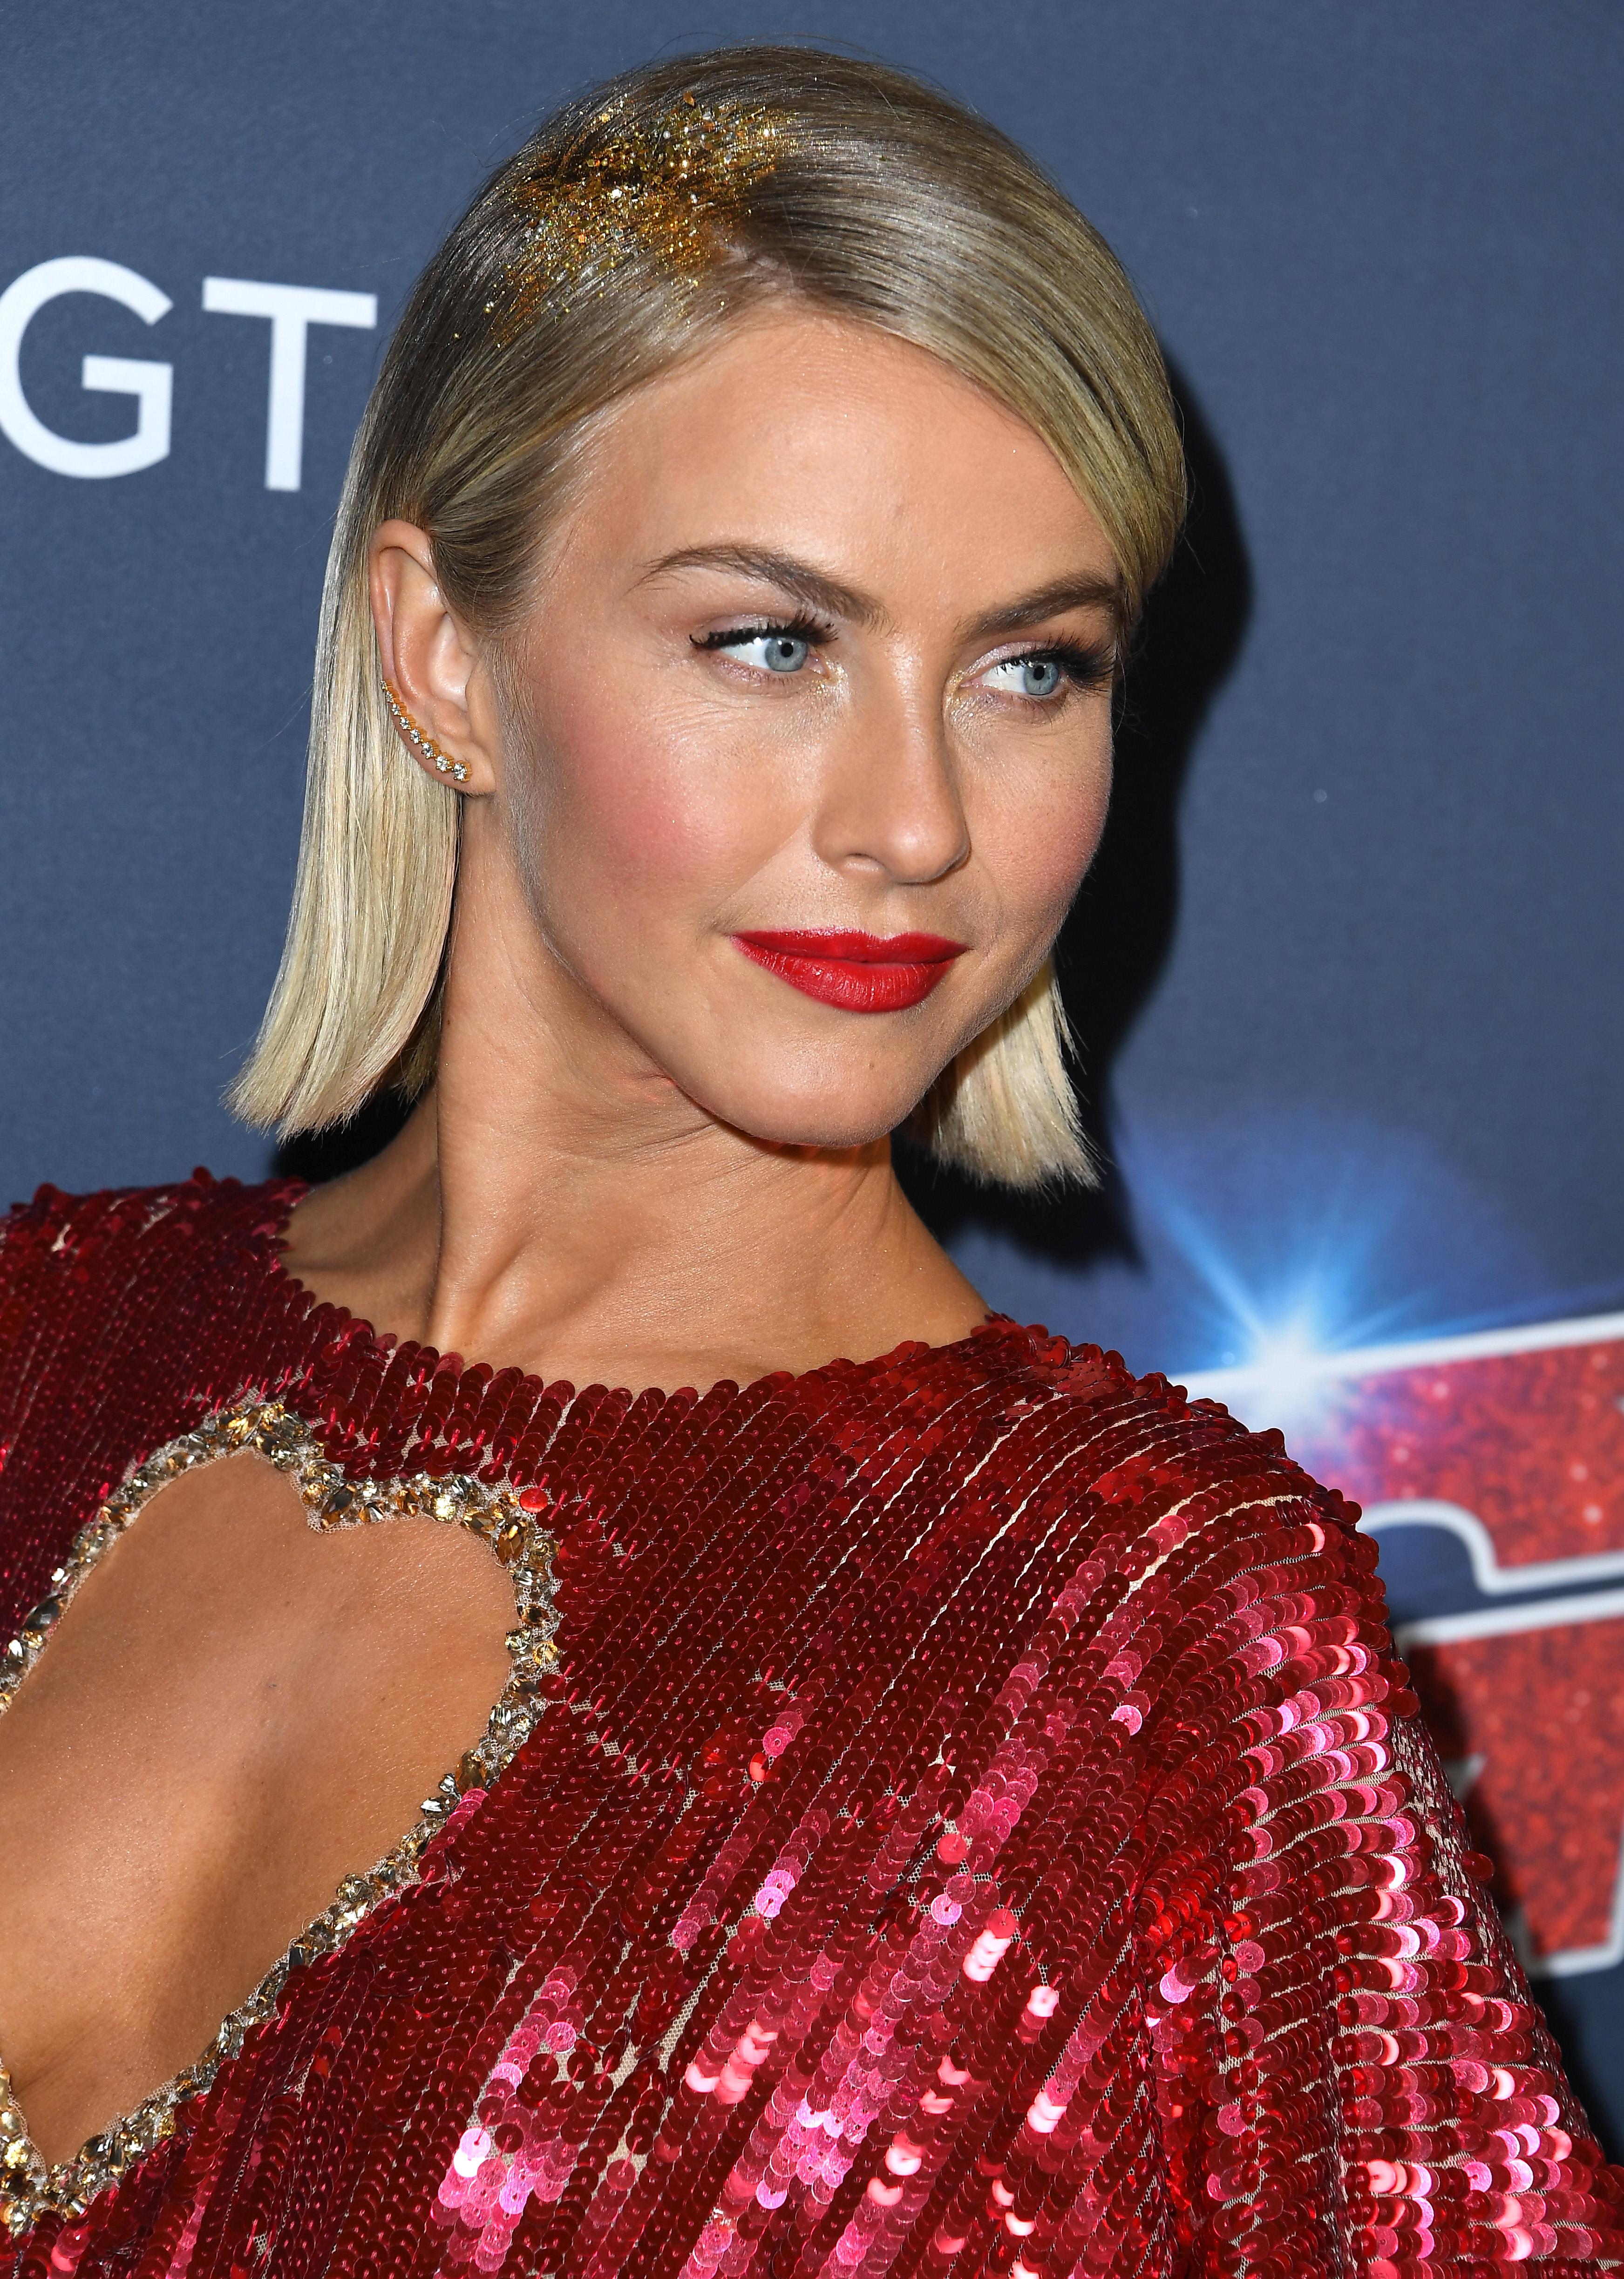 Η Julianne Hough επανέφερε ένα trend στις ρίζες των μαλλιών της! Μαντεύεις;